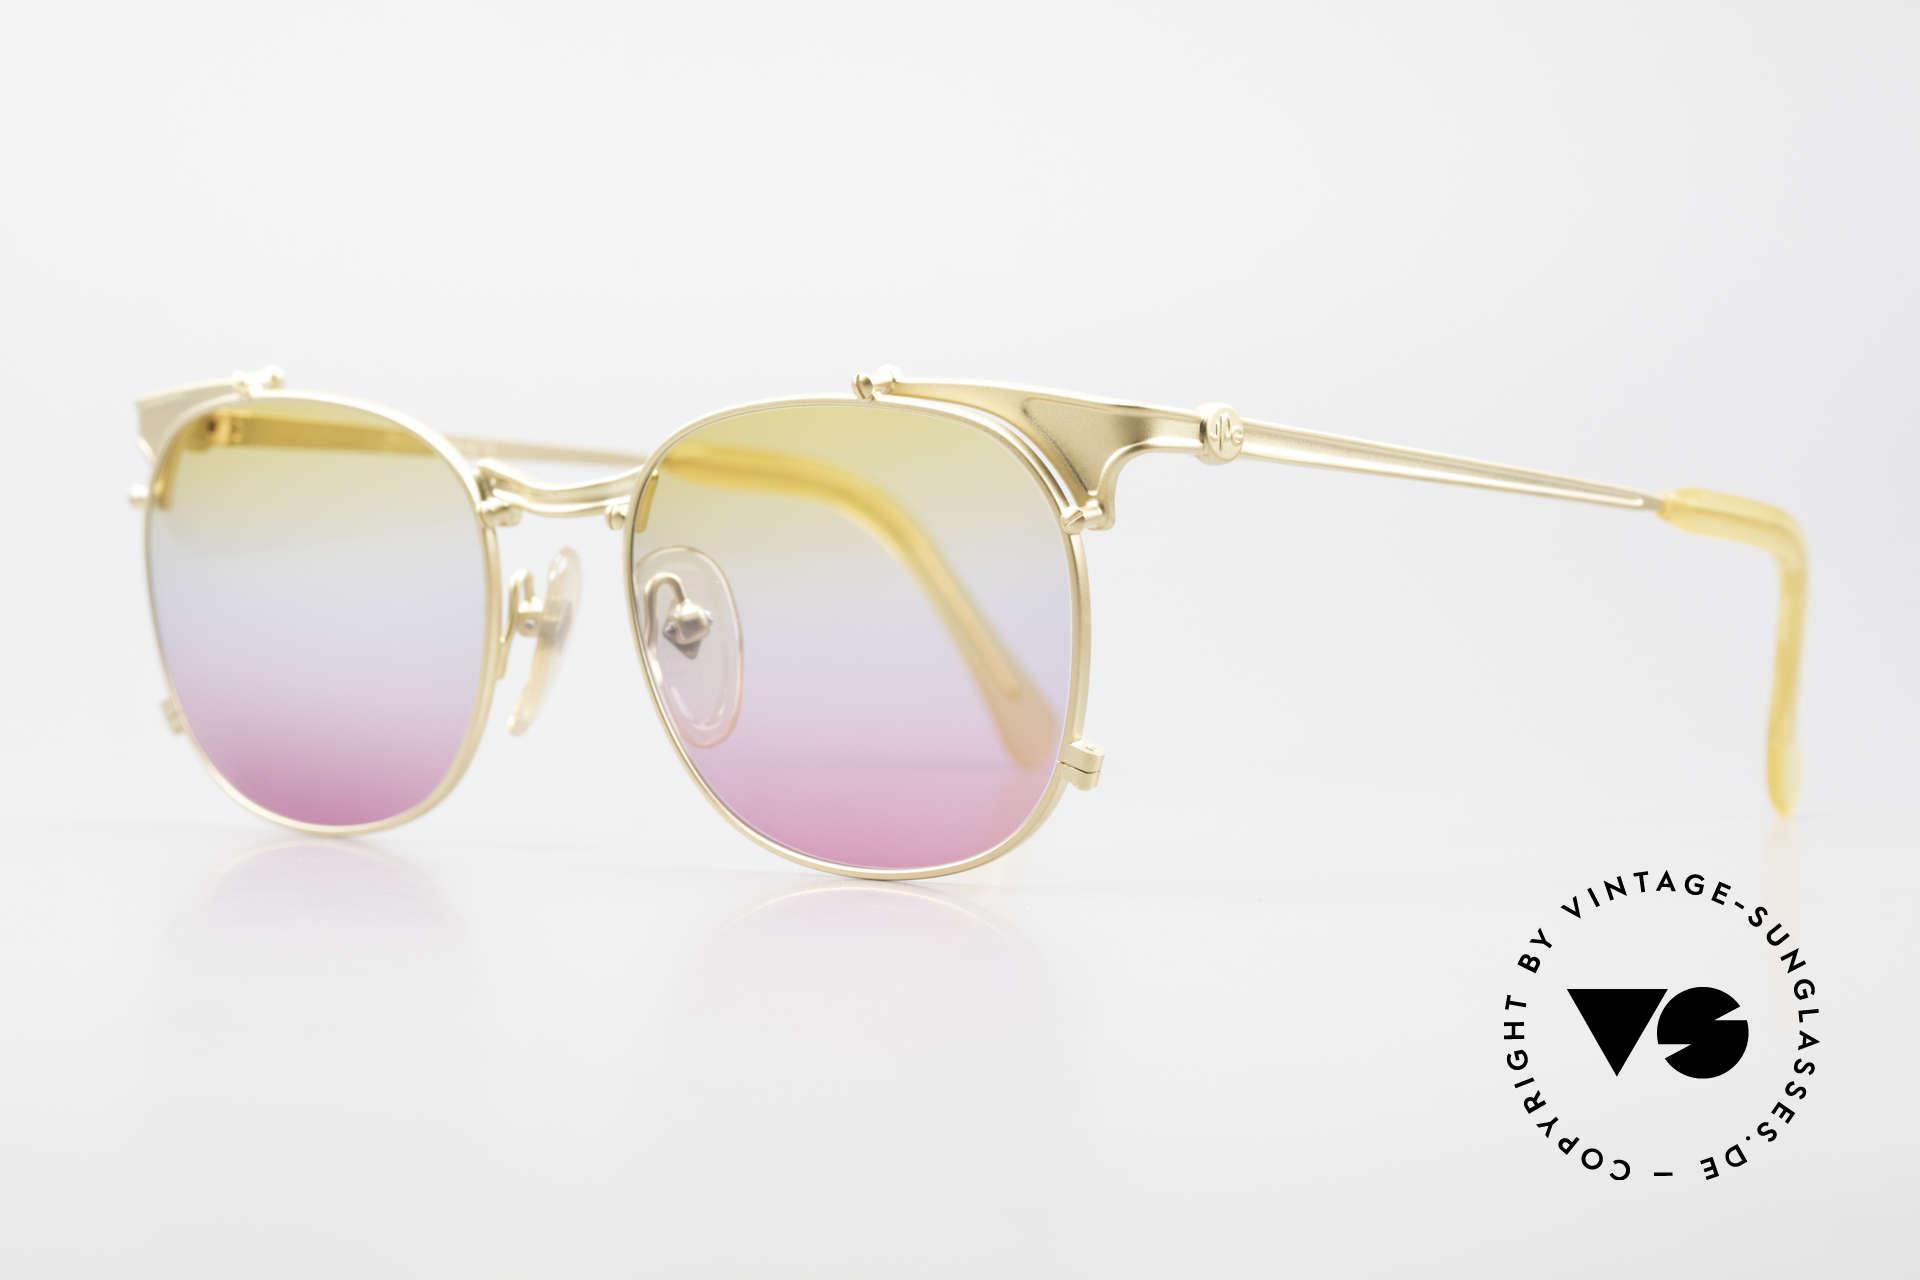 Jean Paul Gaultier 56-2175 Gläser in gelb pink Verlauf, J.P.G. Unisex-Modell in absoluter TOP-Qualität, Passend für Herren und Damen